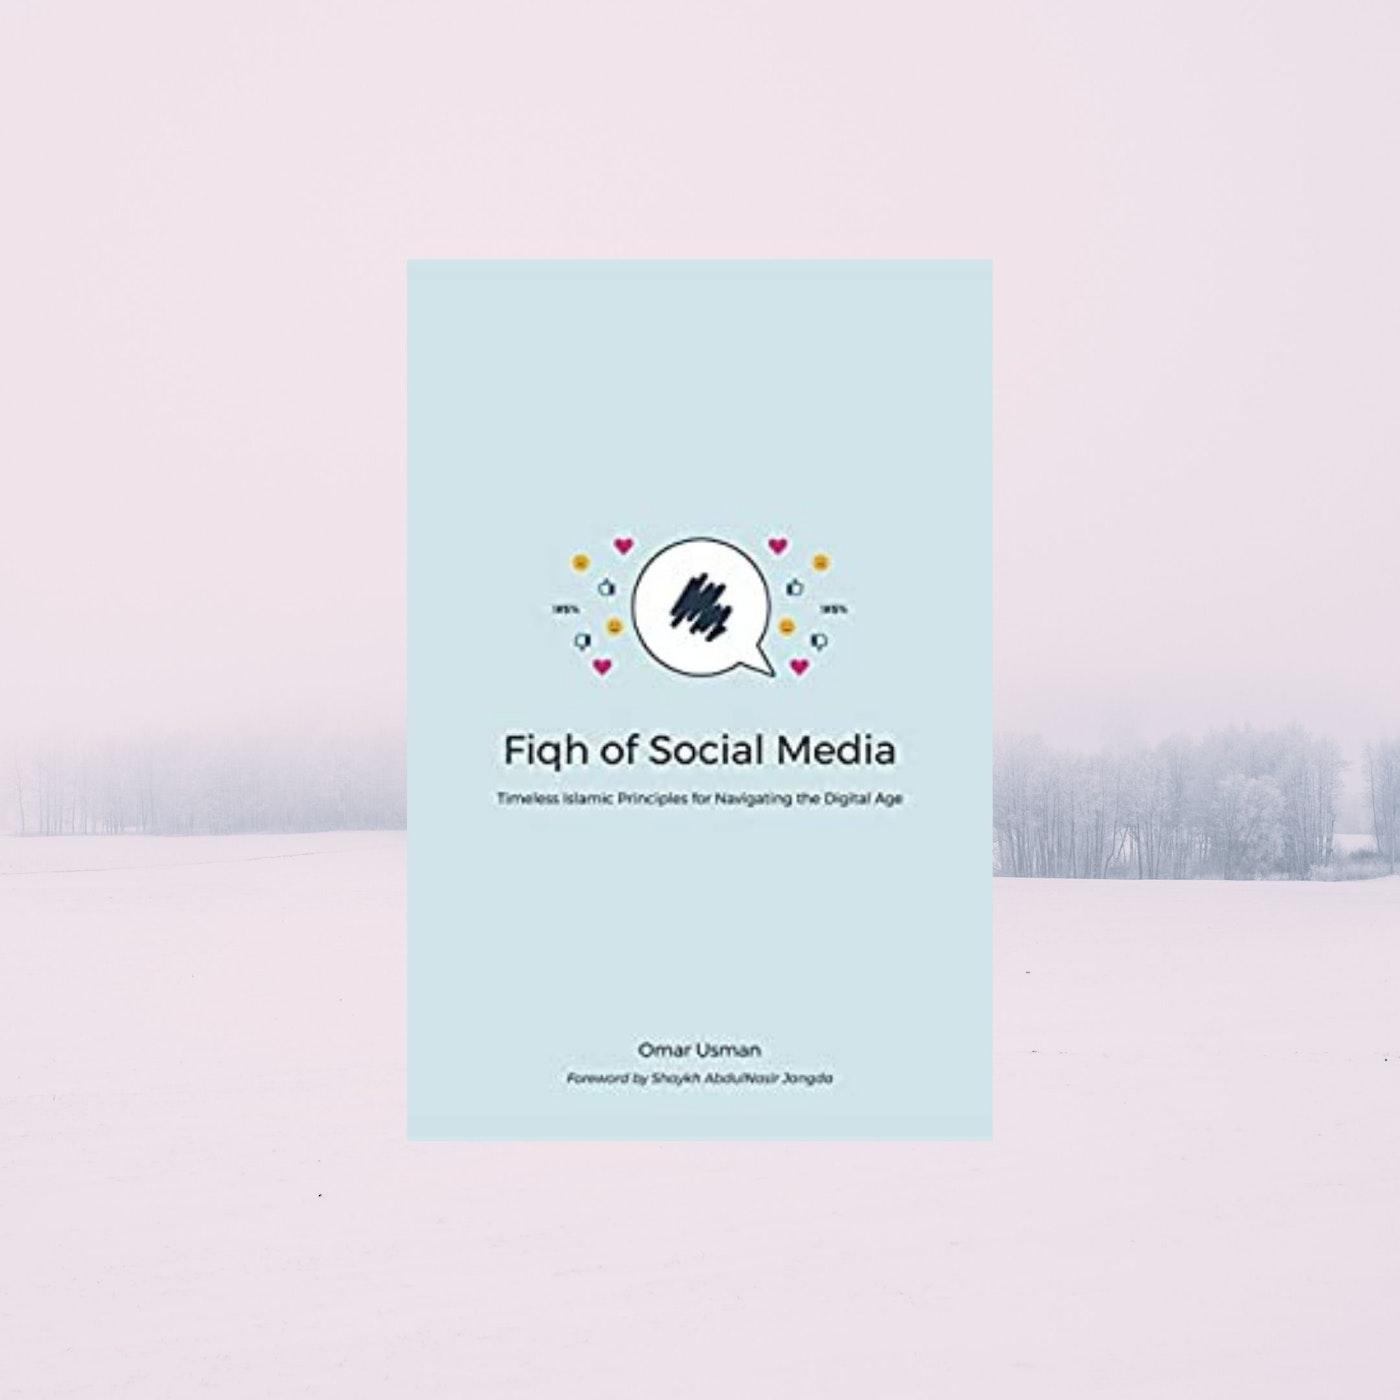 fiqh of social media